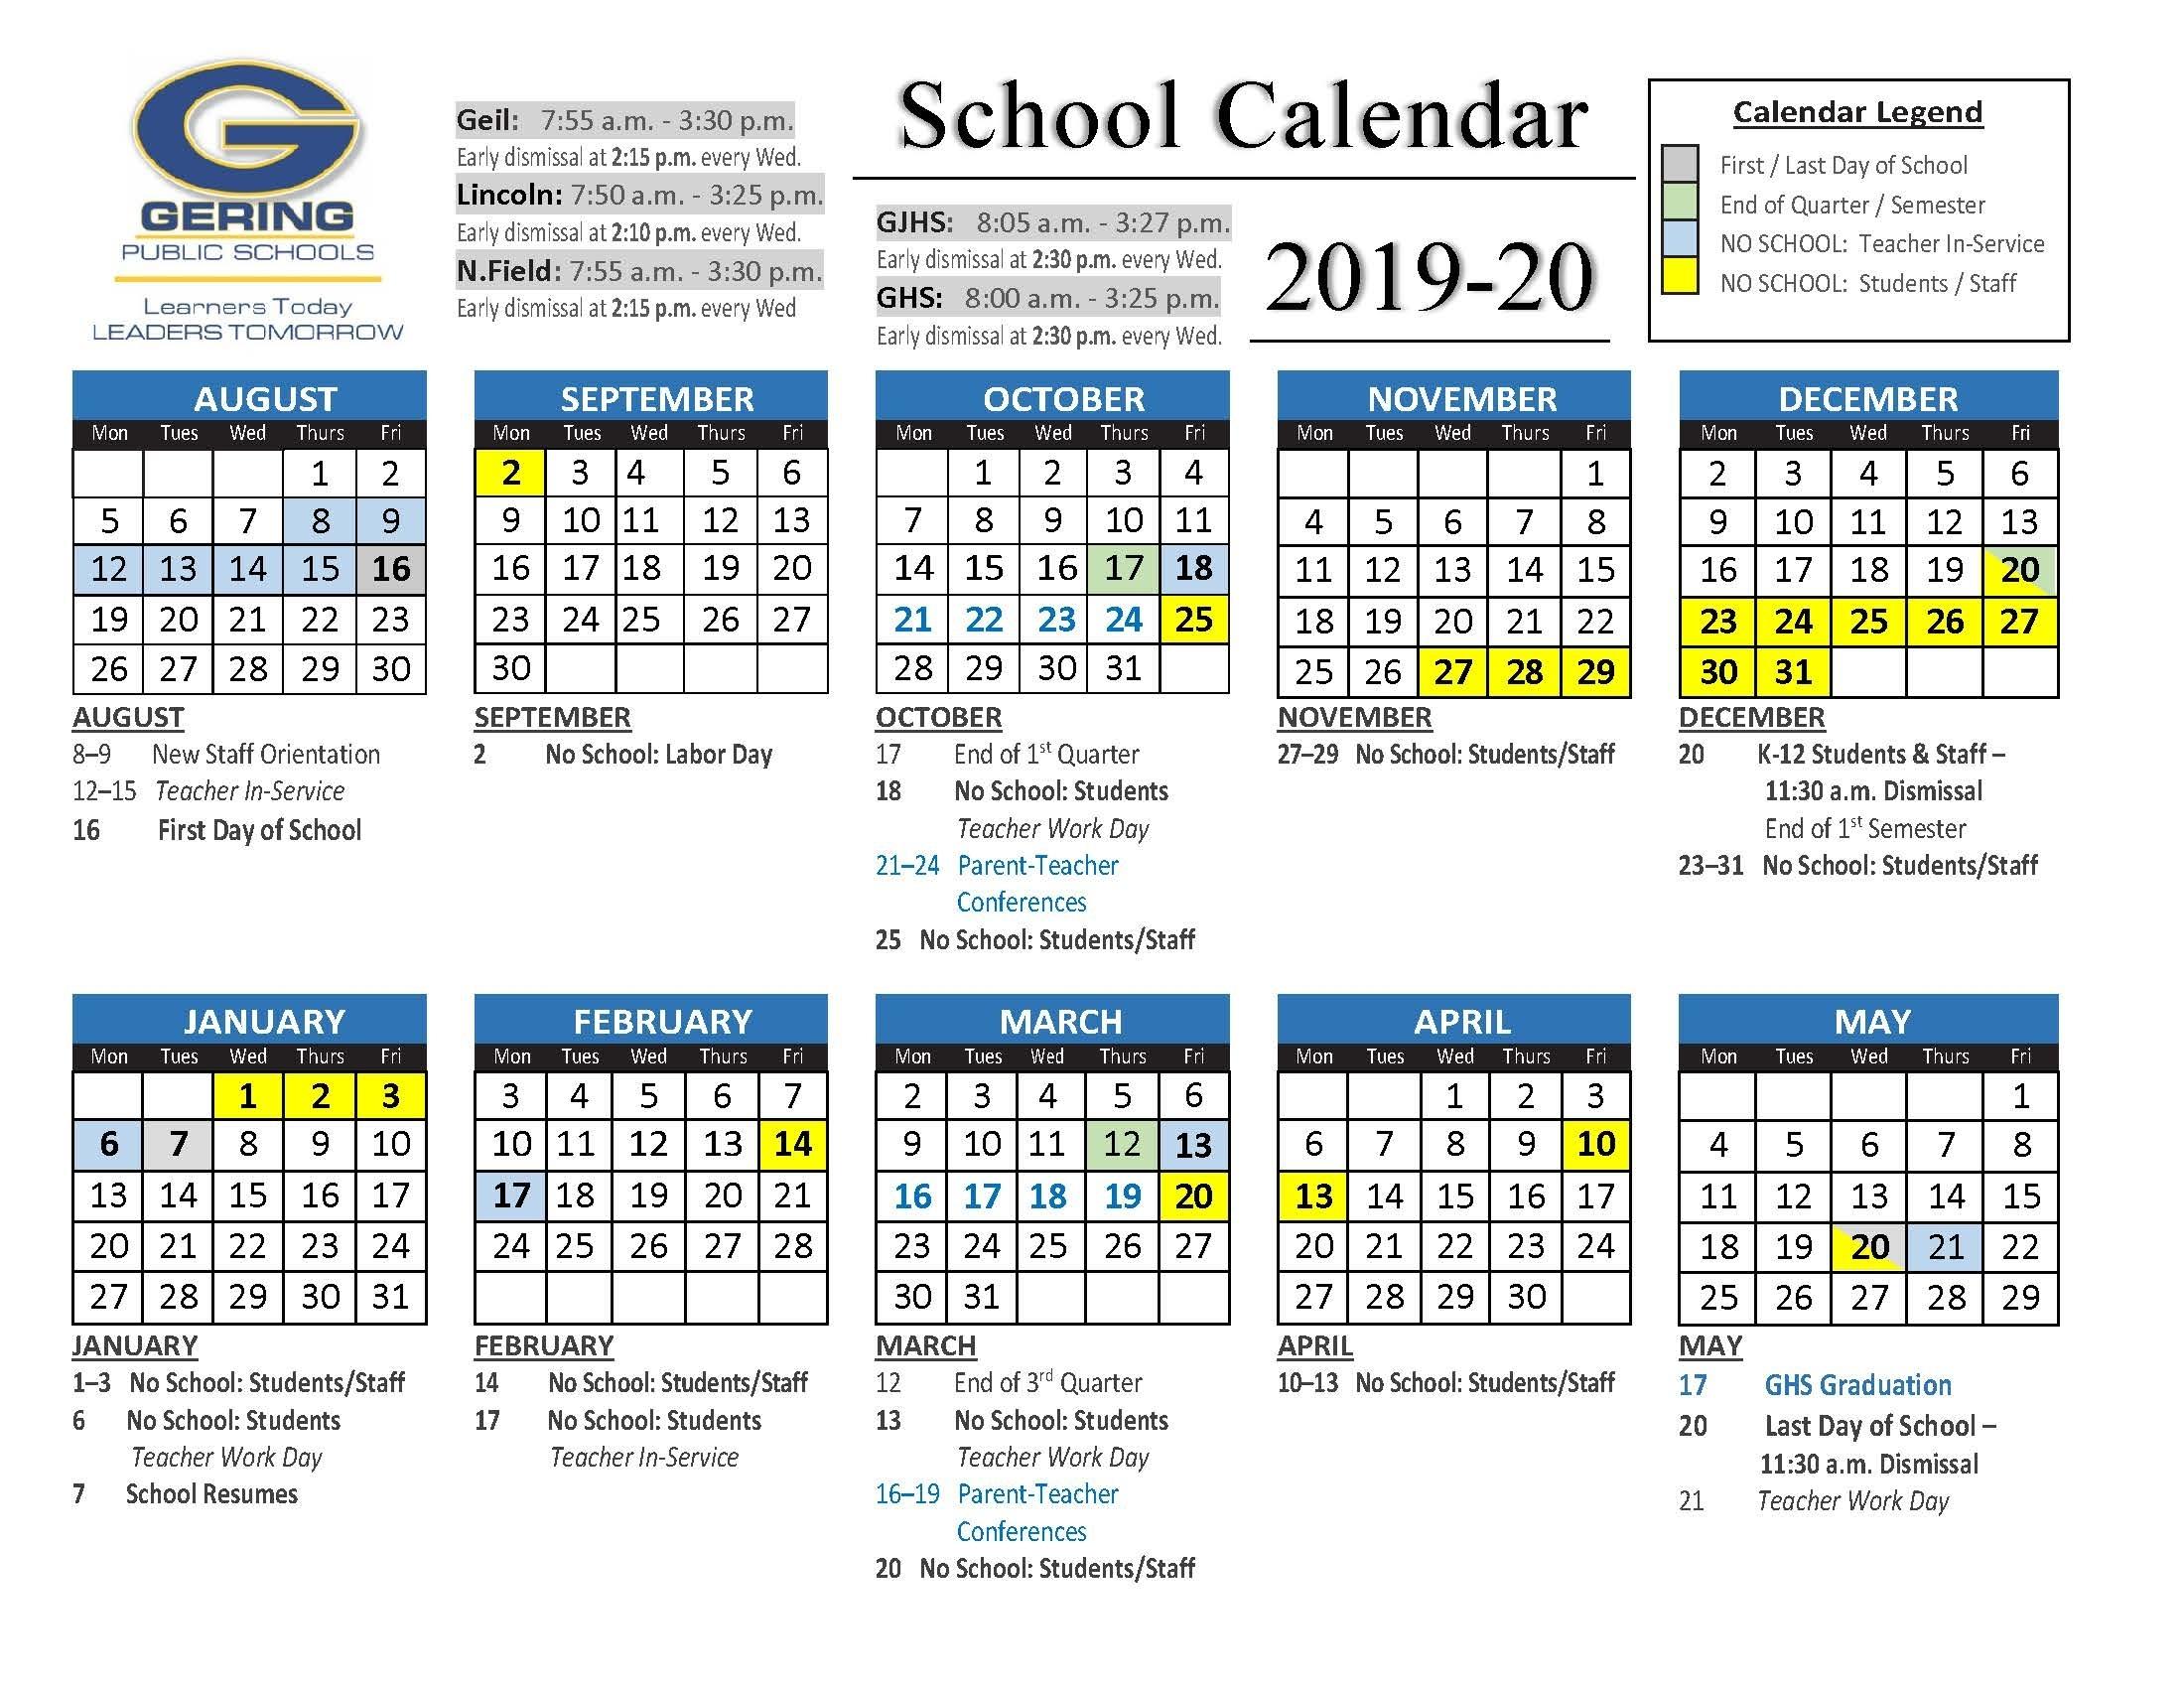 Printable Calendar - Gering Public Schools